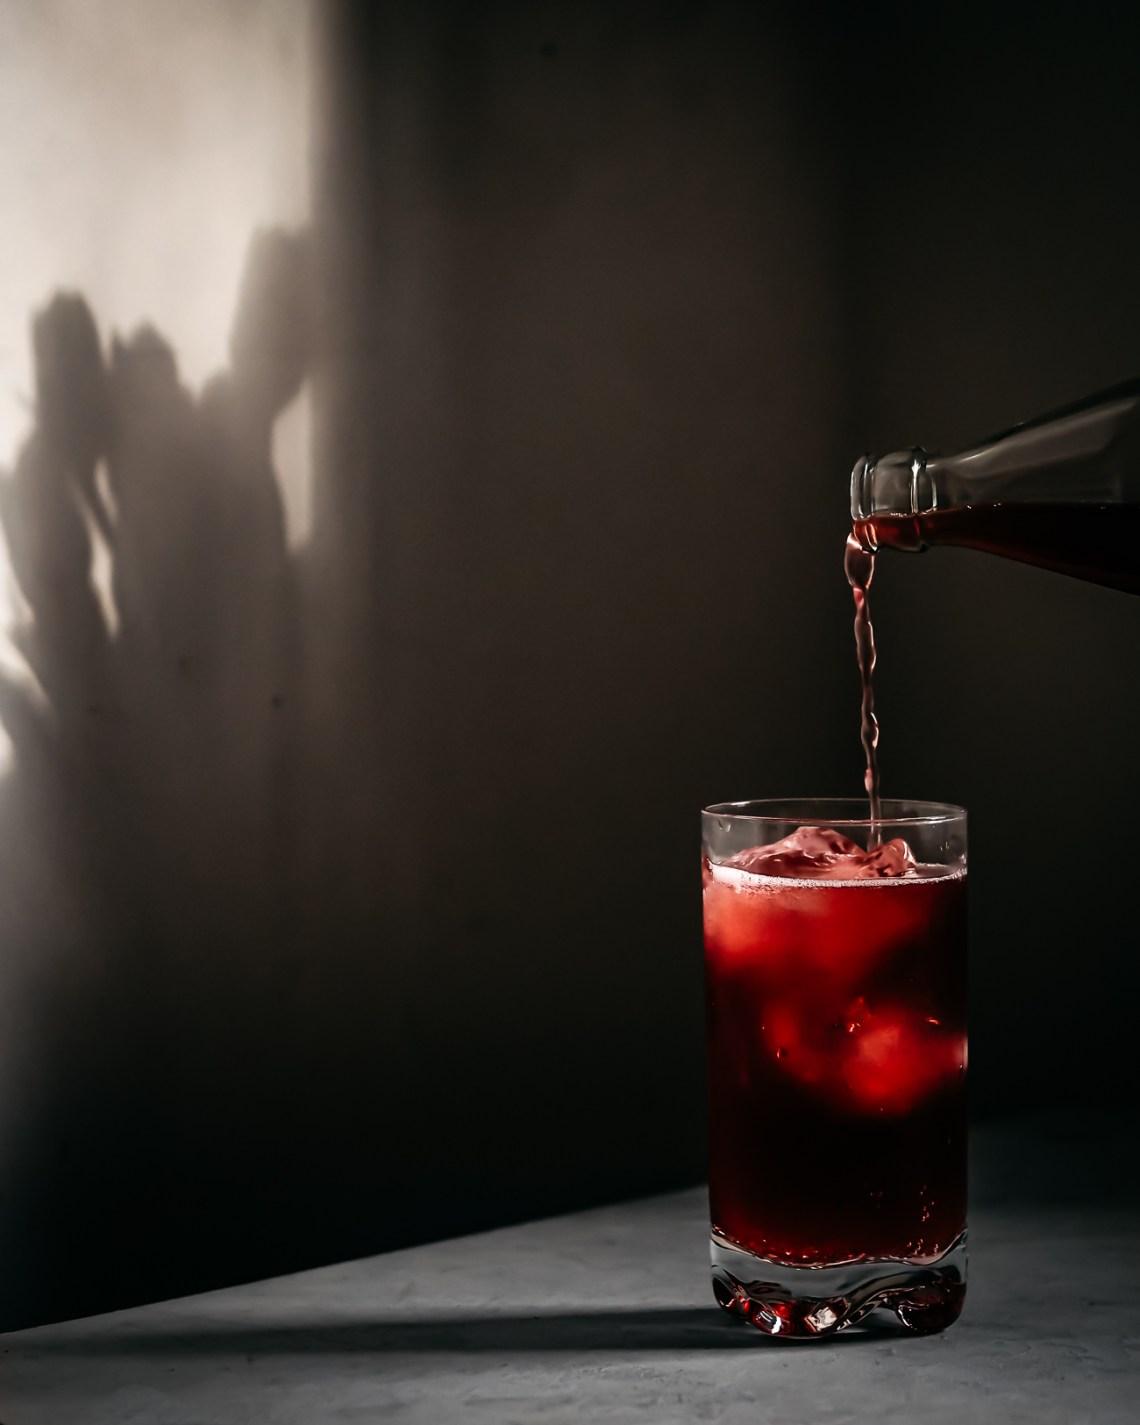 Noita Winery petnat